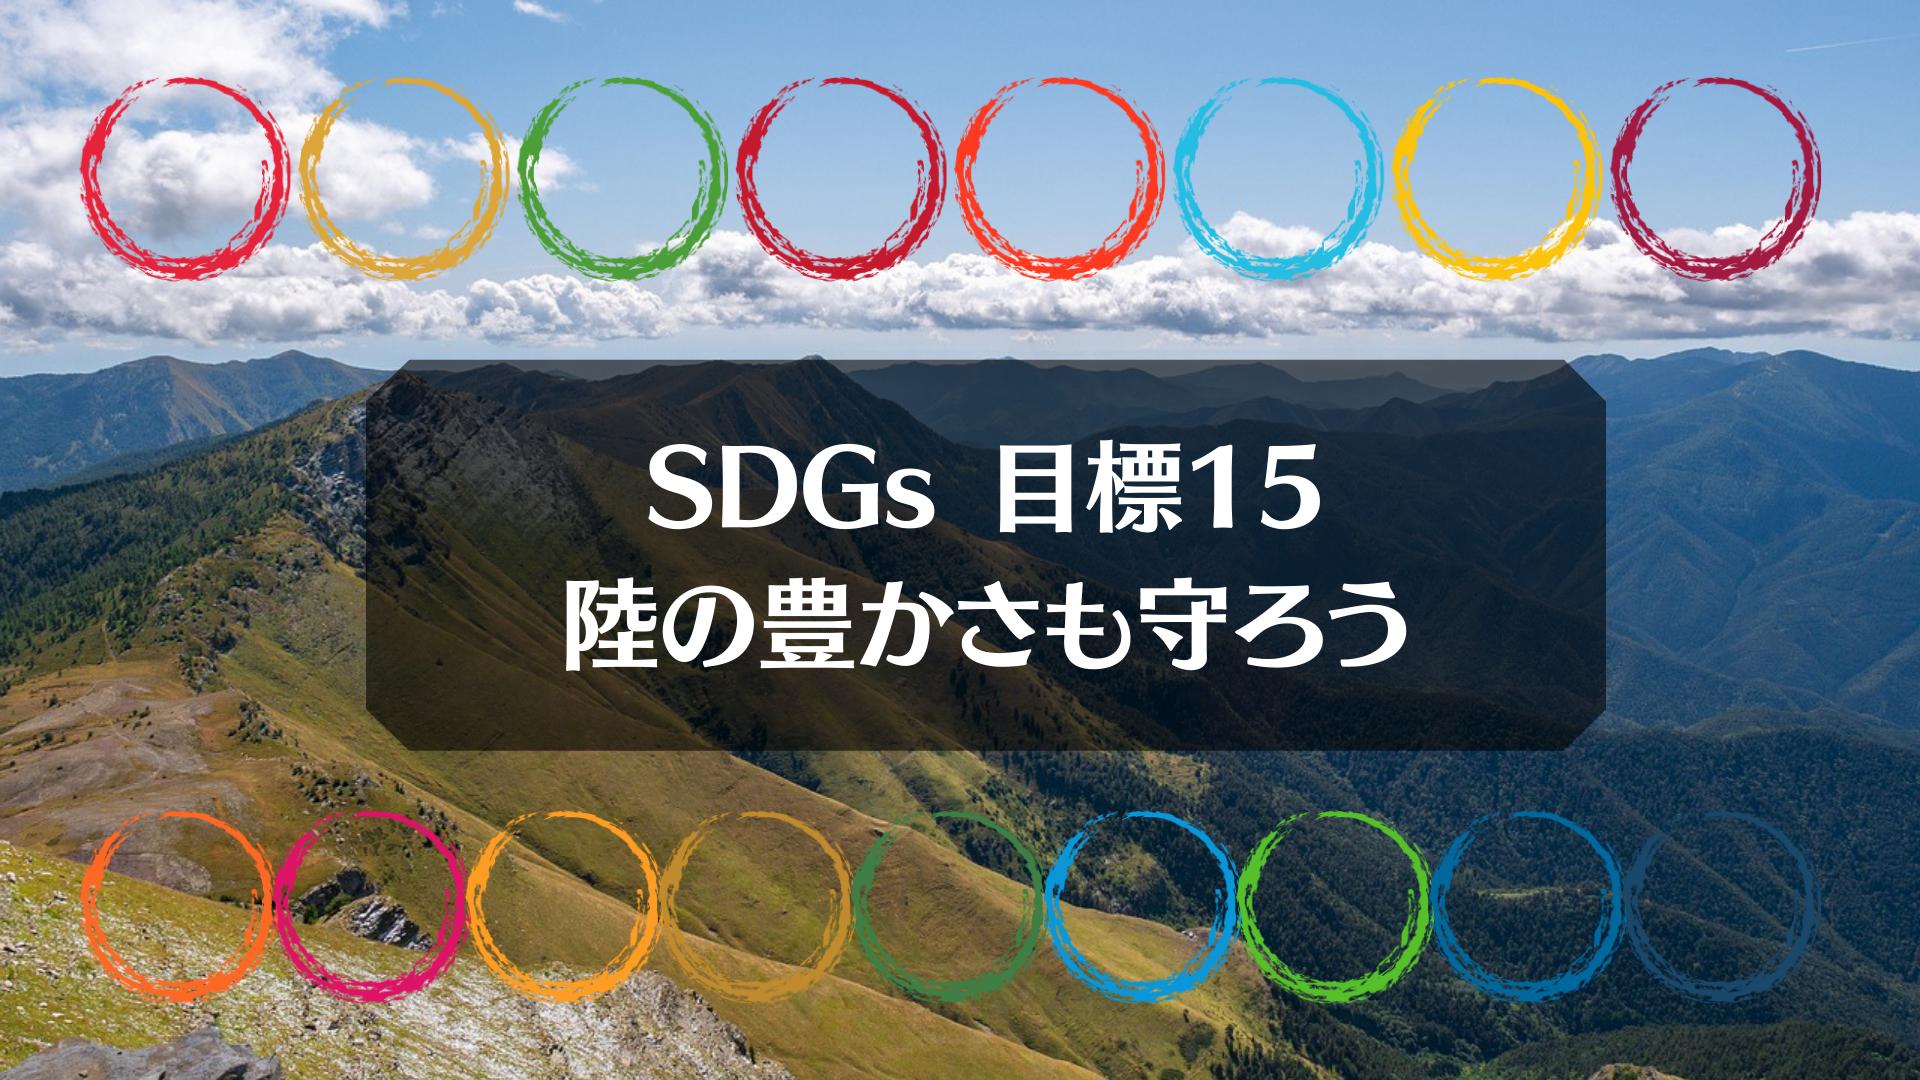 SDGs目標15「陸の豊かさも守ろう」を考える|押さえたい2つのポイントを説明!